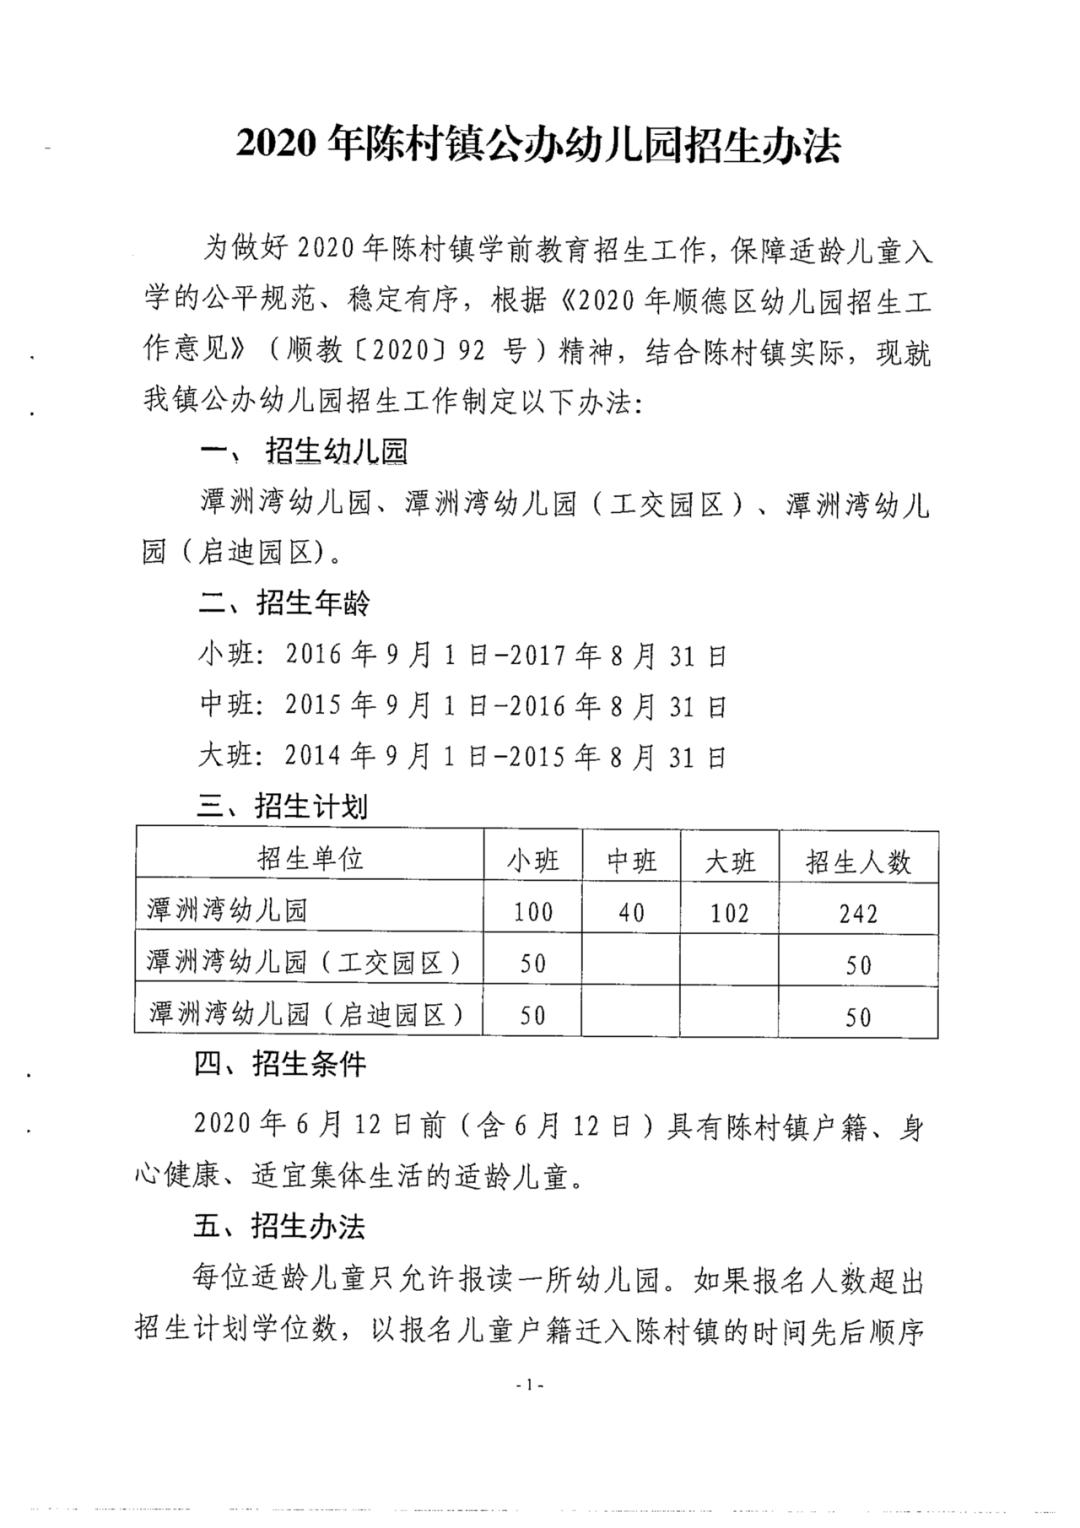 陈村镇2020年GDP_2020-2021跨年图片